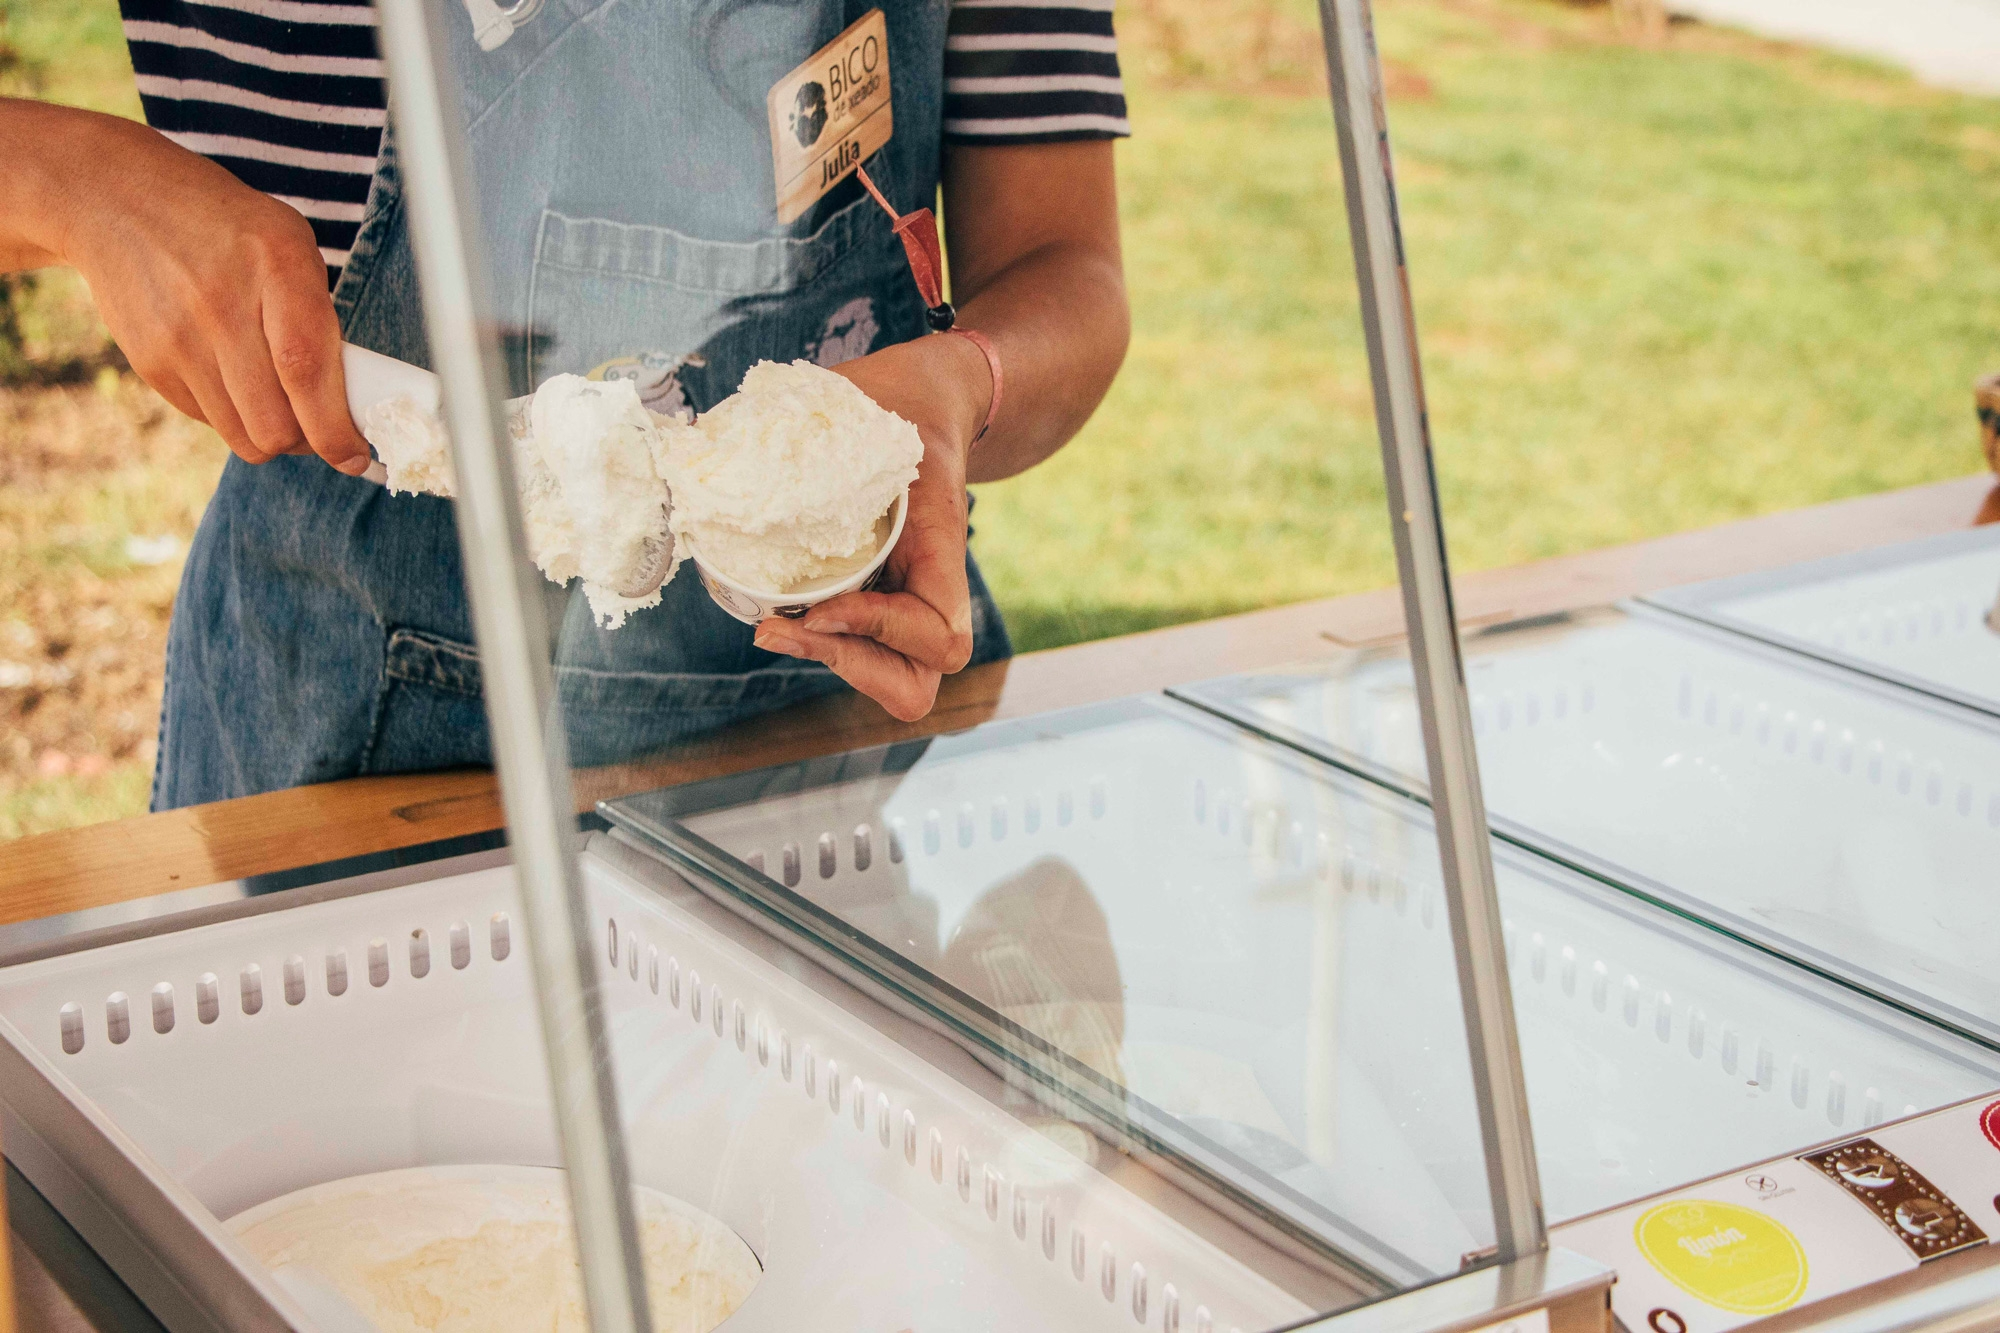 Mejores heladerías Madrid - Bico de Xeado